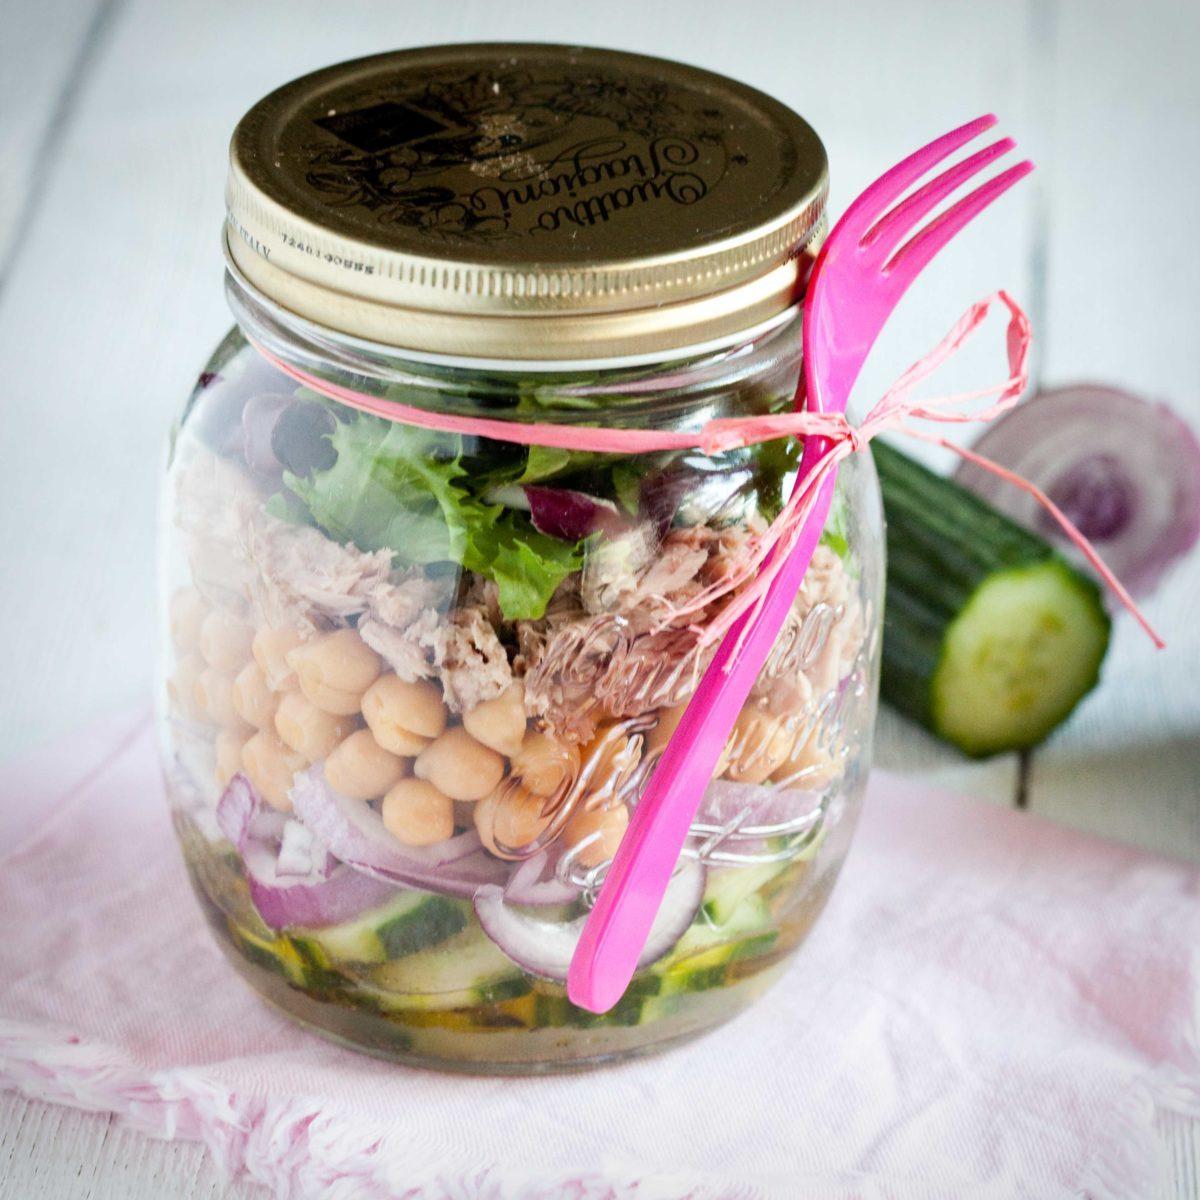 salatka-z-tunczykiem-i-ciecierzyca-1-1200x1200